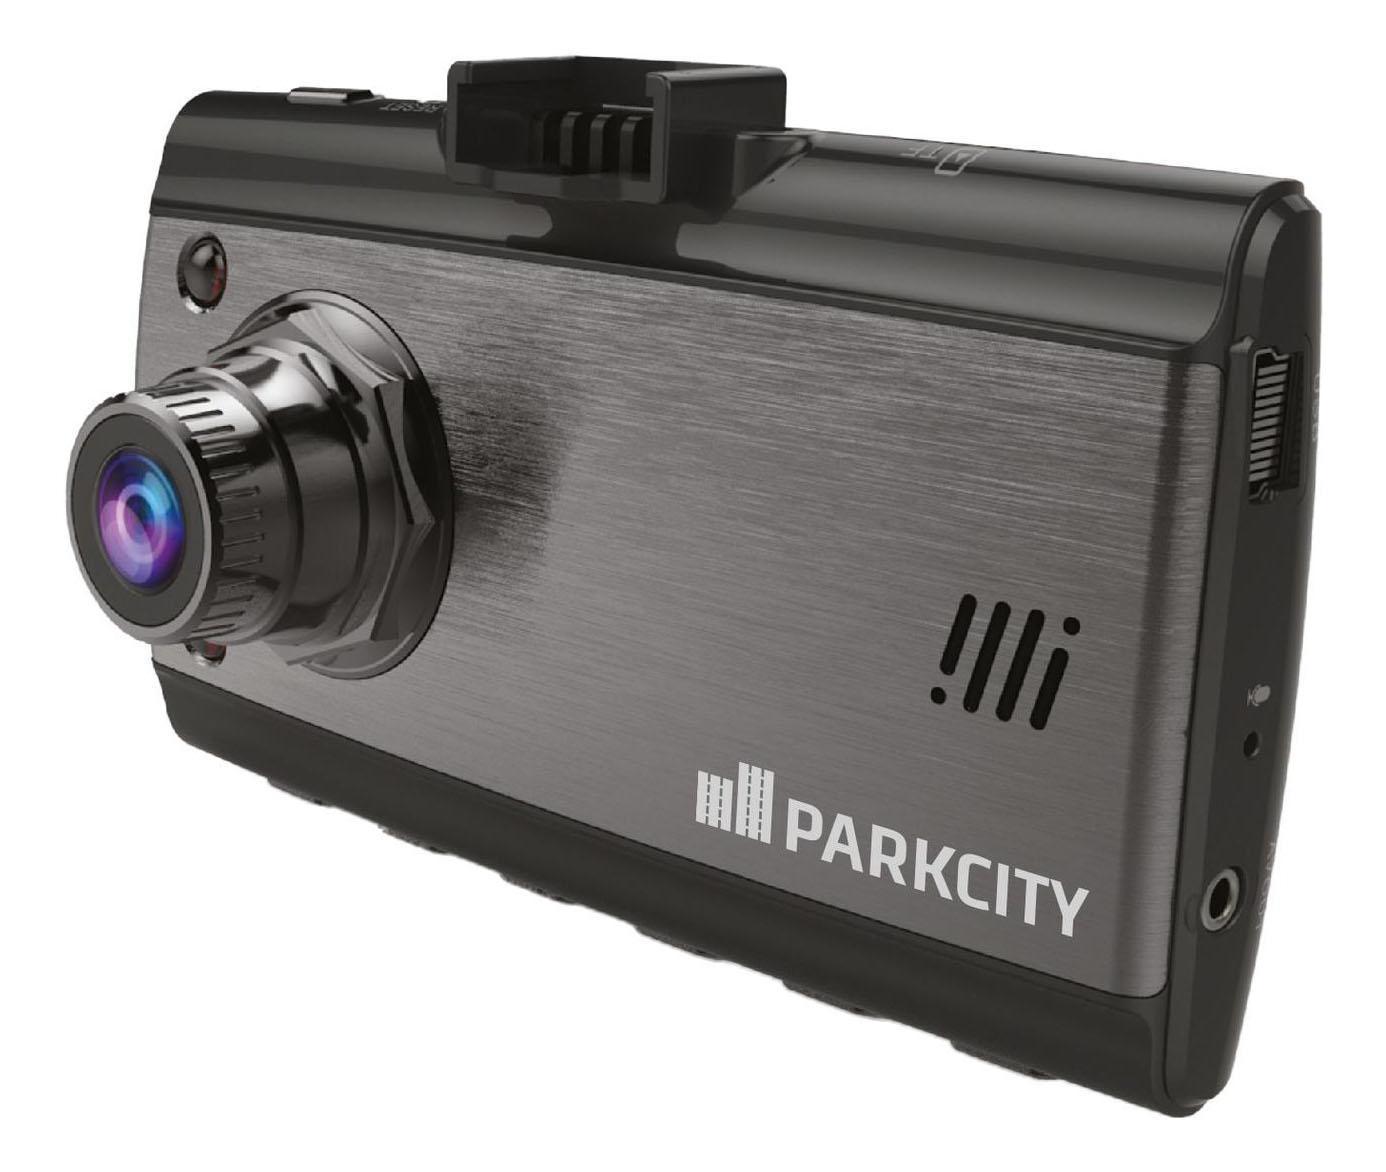 ParkCity DVR HD 750, Black видеорегистратор00000008420Новая модель автомобильного видеорегистратора предназначена для самых требовательных водителей с активной жизненной позицией, не желающих никаких компромиссов. Он позволяет снимать видео с частотой 60 кадров в секунду при максимальном разрешении Full HD (1920х1080). А это значит, что ни одна важная деталь не скроется от взгляда его сверхширокоугольного объектива, даже если съемка производится на большой скоростиНо это не максимальное разрешение видеорегистратора: в стандартной скорости записи 30 кадров в секунду он может осуществлять видеосъемку с разрешением 2304х1296 пикселей, то есть - SUPER HD! В основе автомобильного видеорегистратора PARKCITY DVR HD 750 – мощнейший графический чип Ambarella седьмого поколения и высококлассная 4-мегапиксельная матрица. Объектив регистратора мы не зря назвали сверхширокоугольным – его угол обзора составляет 175 градусов. Видеорегистратор позволяет вести качественную видеосъемку даже в условиях низкой освещенности. Большой 3-дюймовый дисплей – отличное средство для просмотра отснятого видео на месте.Современный дизайн корпуса, большой экран, разрешение SUPER HD, удвоенная скорость записи в разрешении Full HD – более чем веский набор аргументов для приобретения PARKCITY DVR HD 750 – самой современной модели автомобильного видеорегистратора